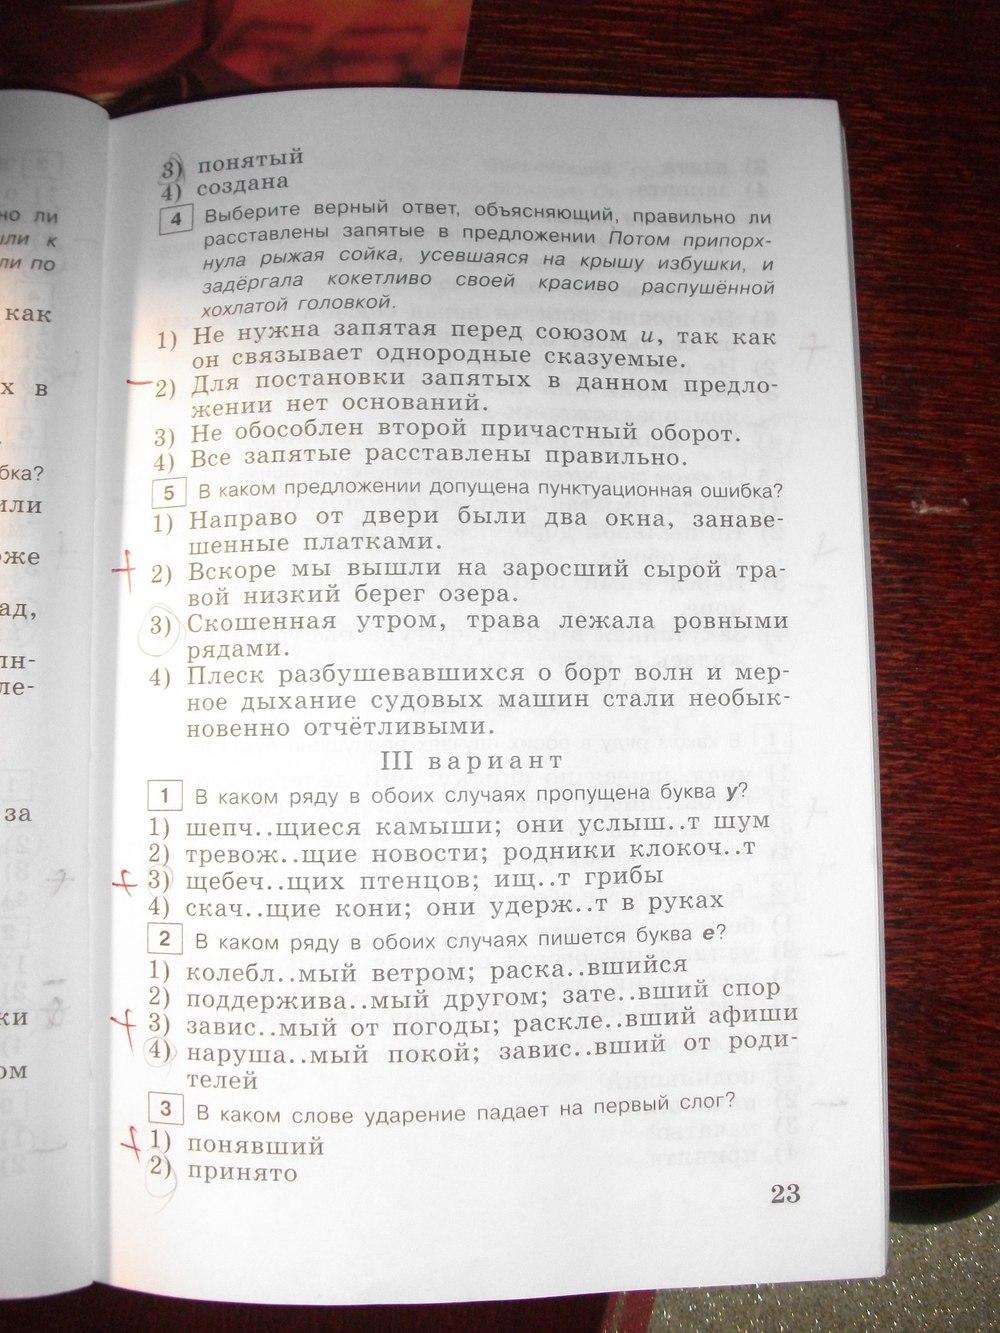 Гдз по тестовым заданиям по русскому языку автор богданов 8 класс